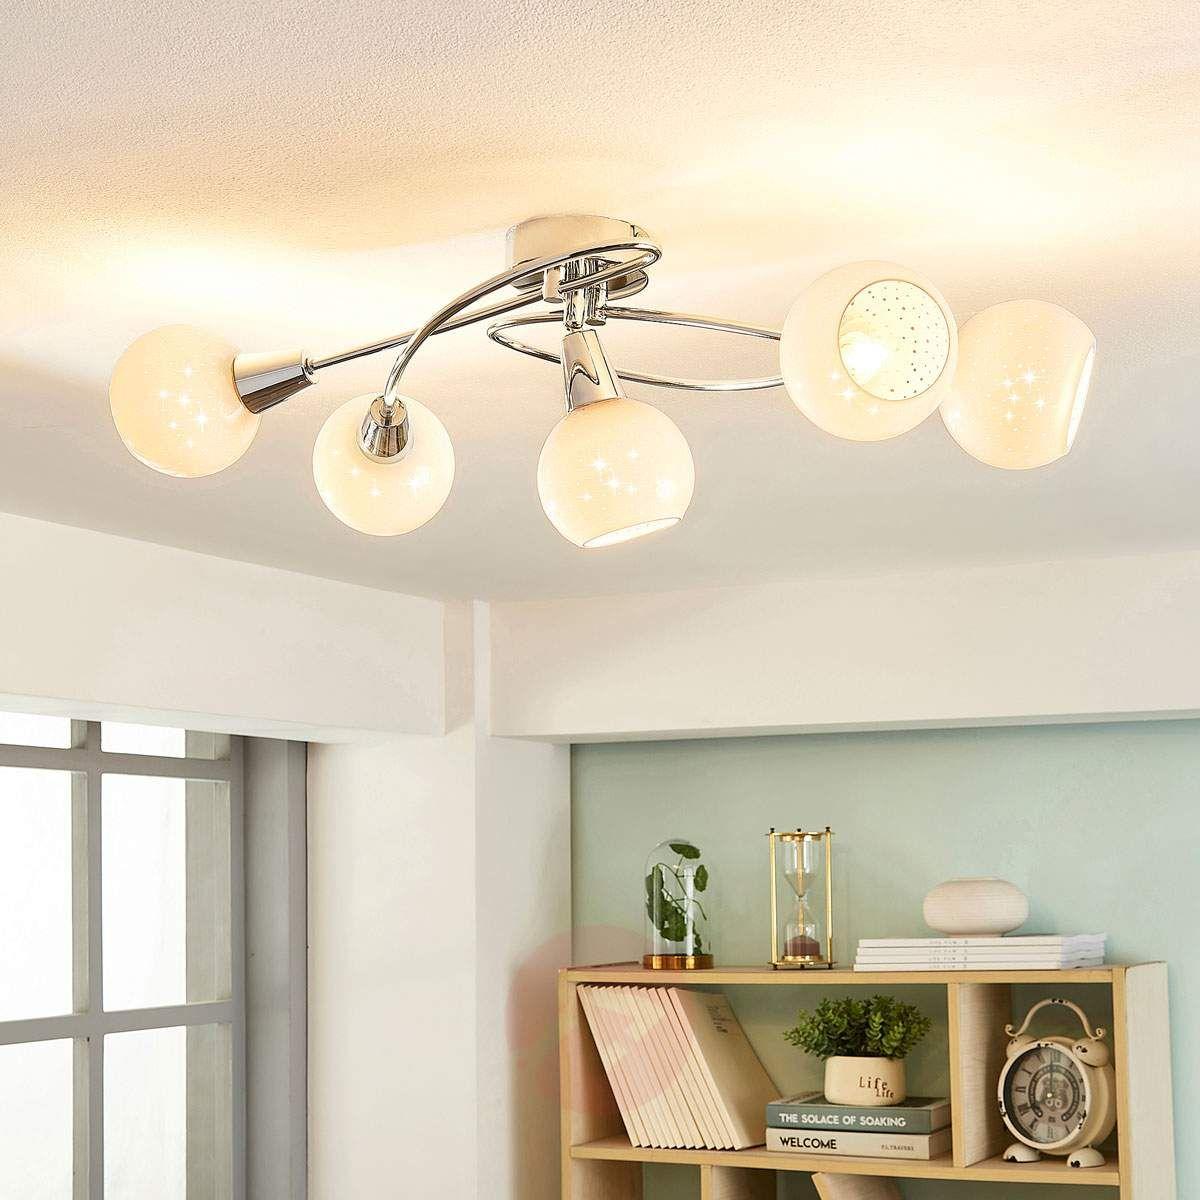 Lampa tuba sufitowa nowoczesne oświetlenie do salonu aranżacje lampa pojedyncza wisząca sklep lampy